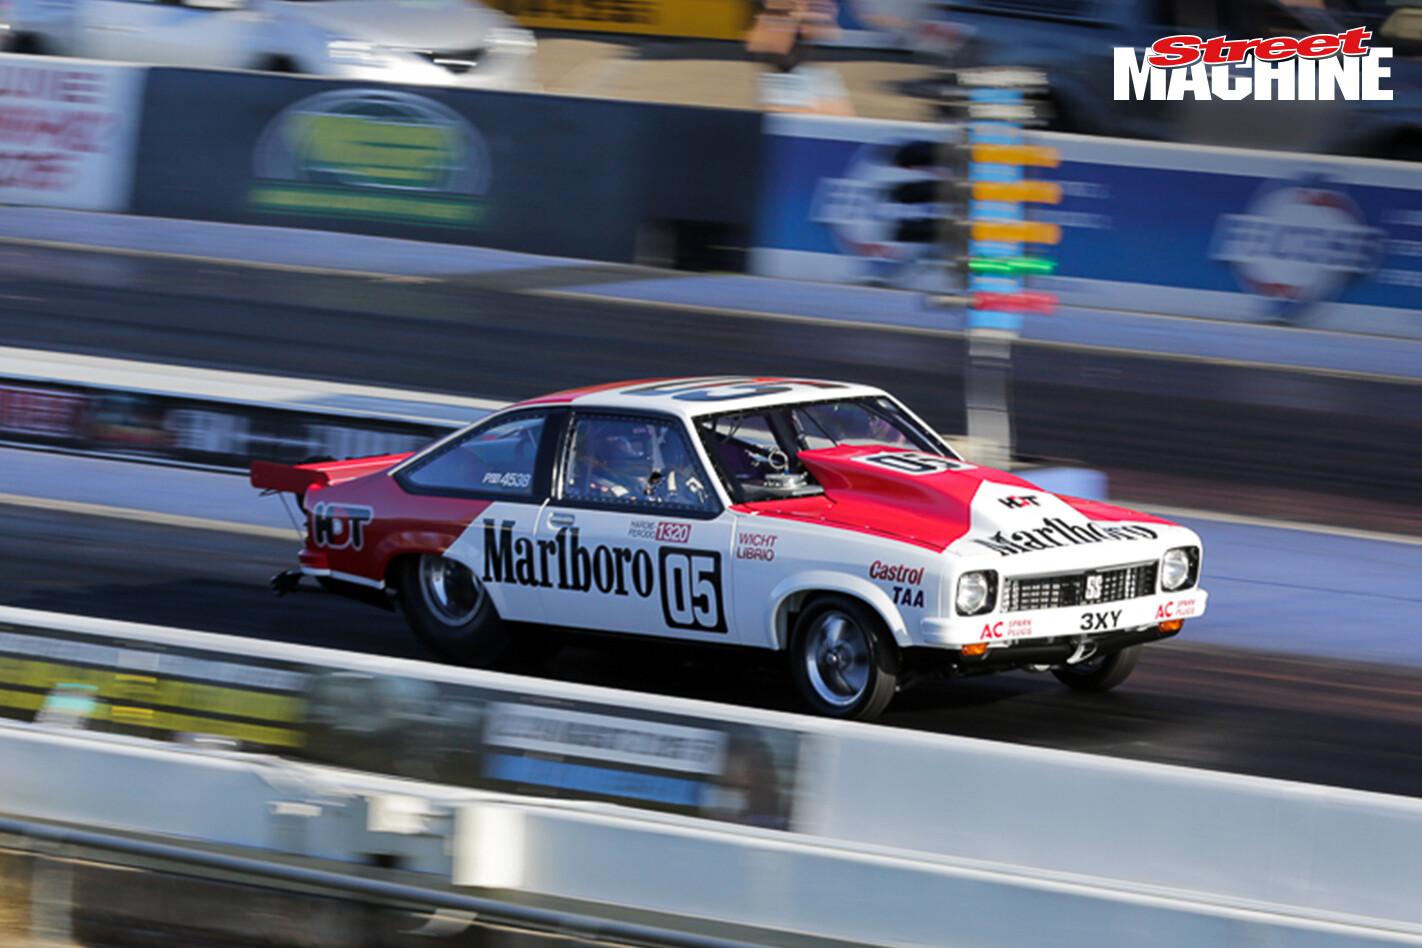 LX Torana Hatch Drag Race 3184 Nw